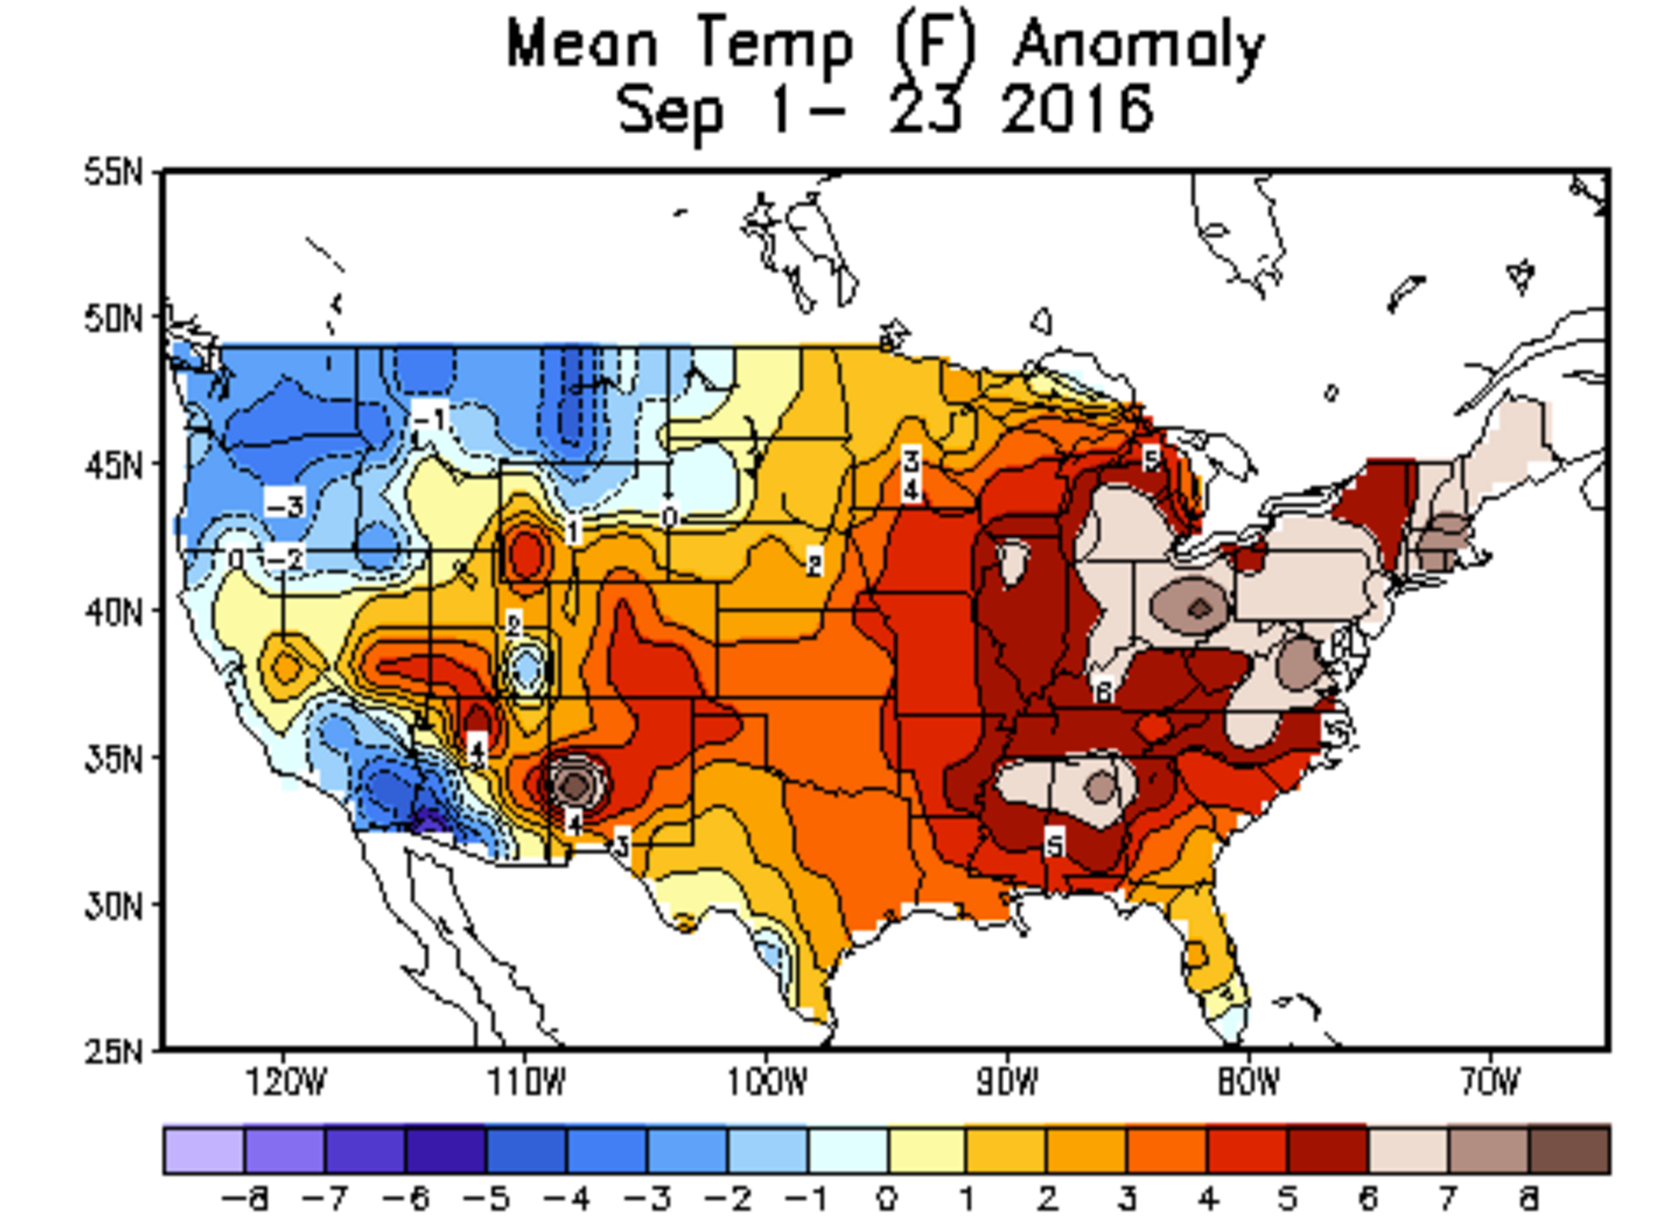 It has been a warm September across Colorado